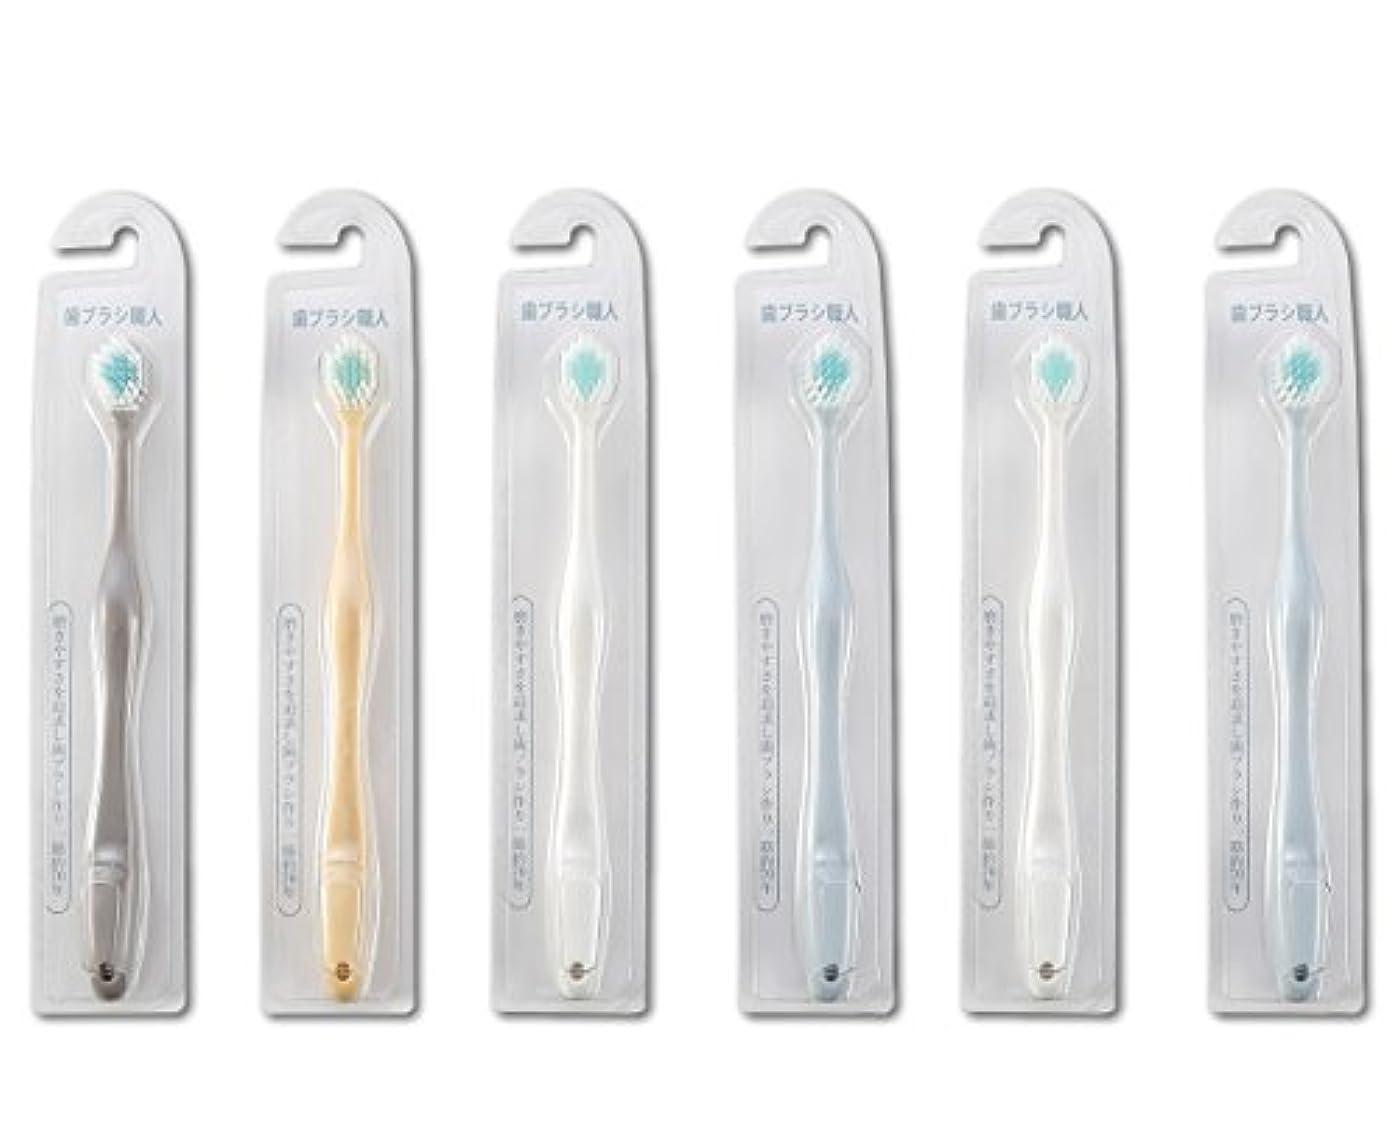 ではごきげんようモスク幾何学歯ブラシ職人Artooth ® 田辺重吉 磨きやすい歯ブラシ ワイド 6列レギュラー AT-30 (6本組)